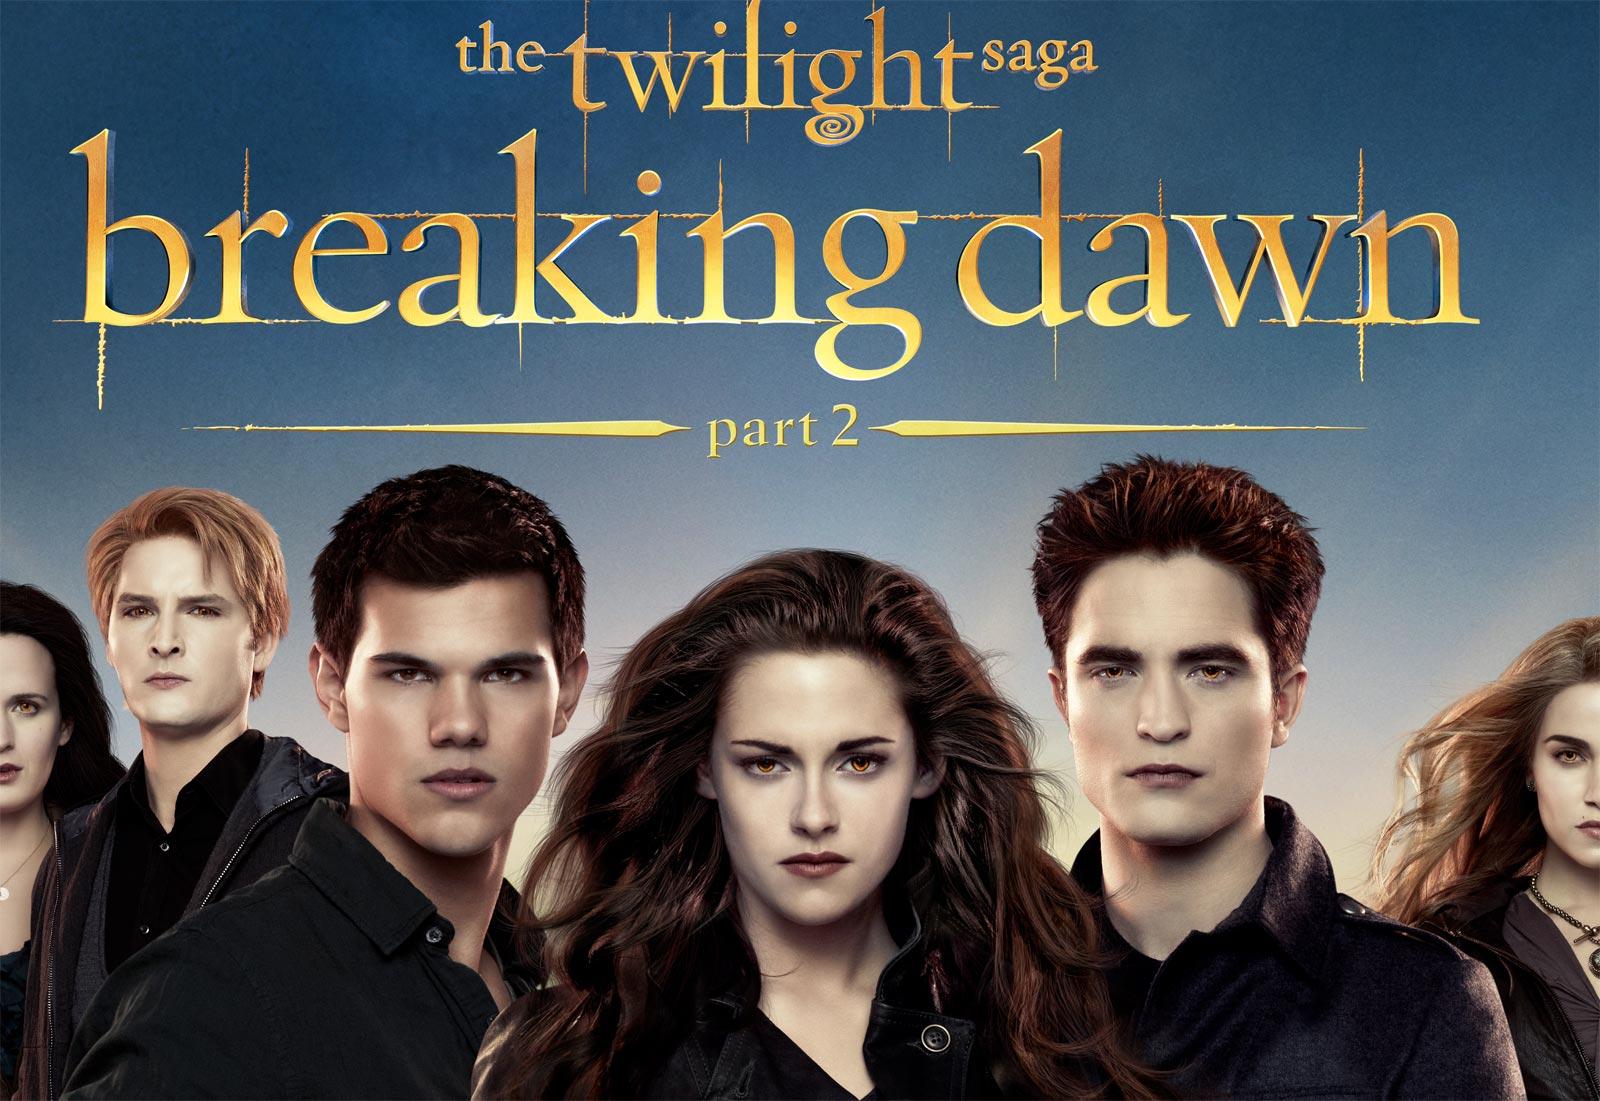 Viernes de Película [11/16/2012] Crepúsculo: Amanecer Parte 2 (Twilight: Breaking Dawn Part 2)